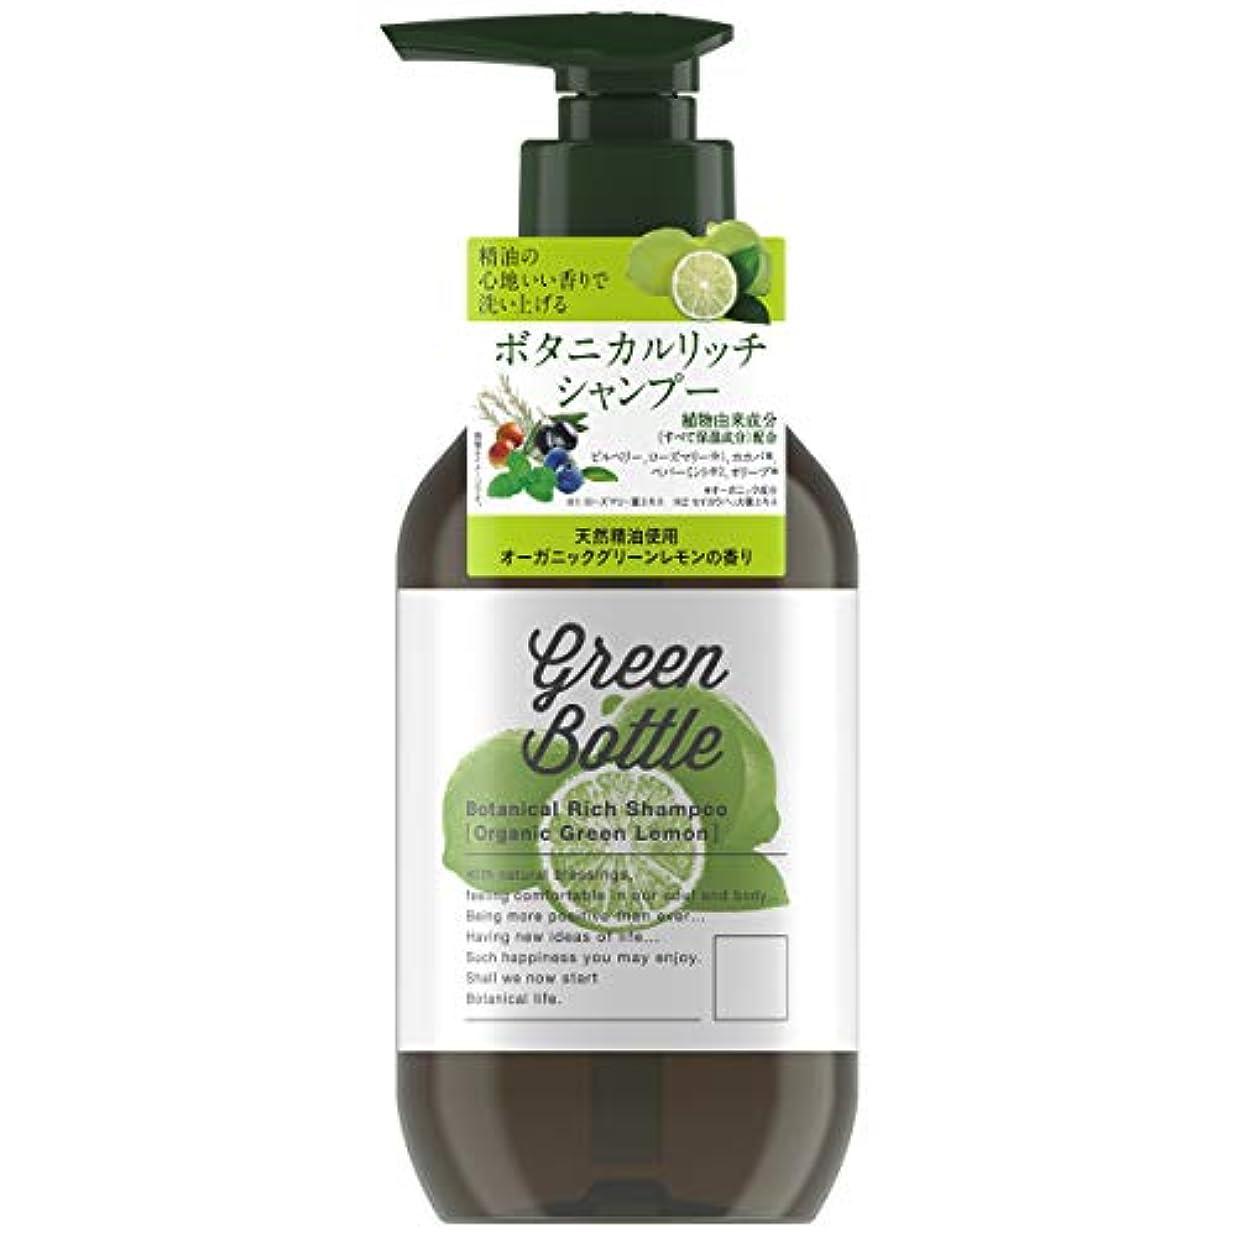 付ける攻撃カプラーグリーンボトルボタニカルリッチシャンプー(オーガニックグリーンレモンの香り) 490ml